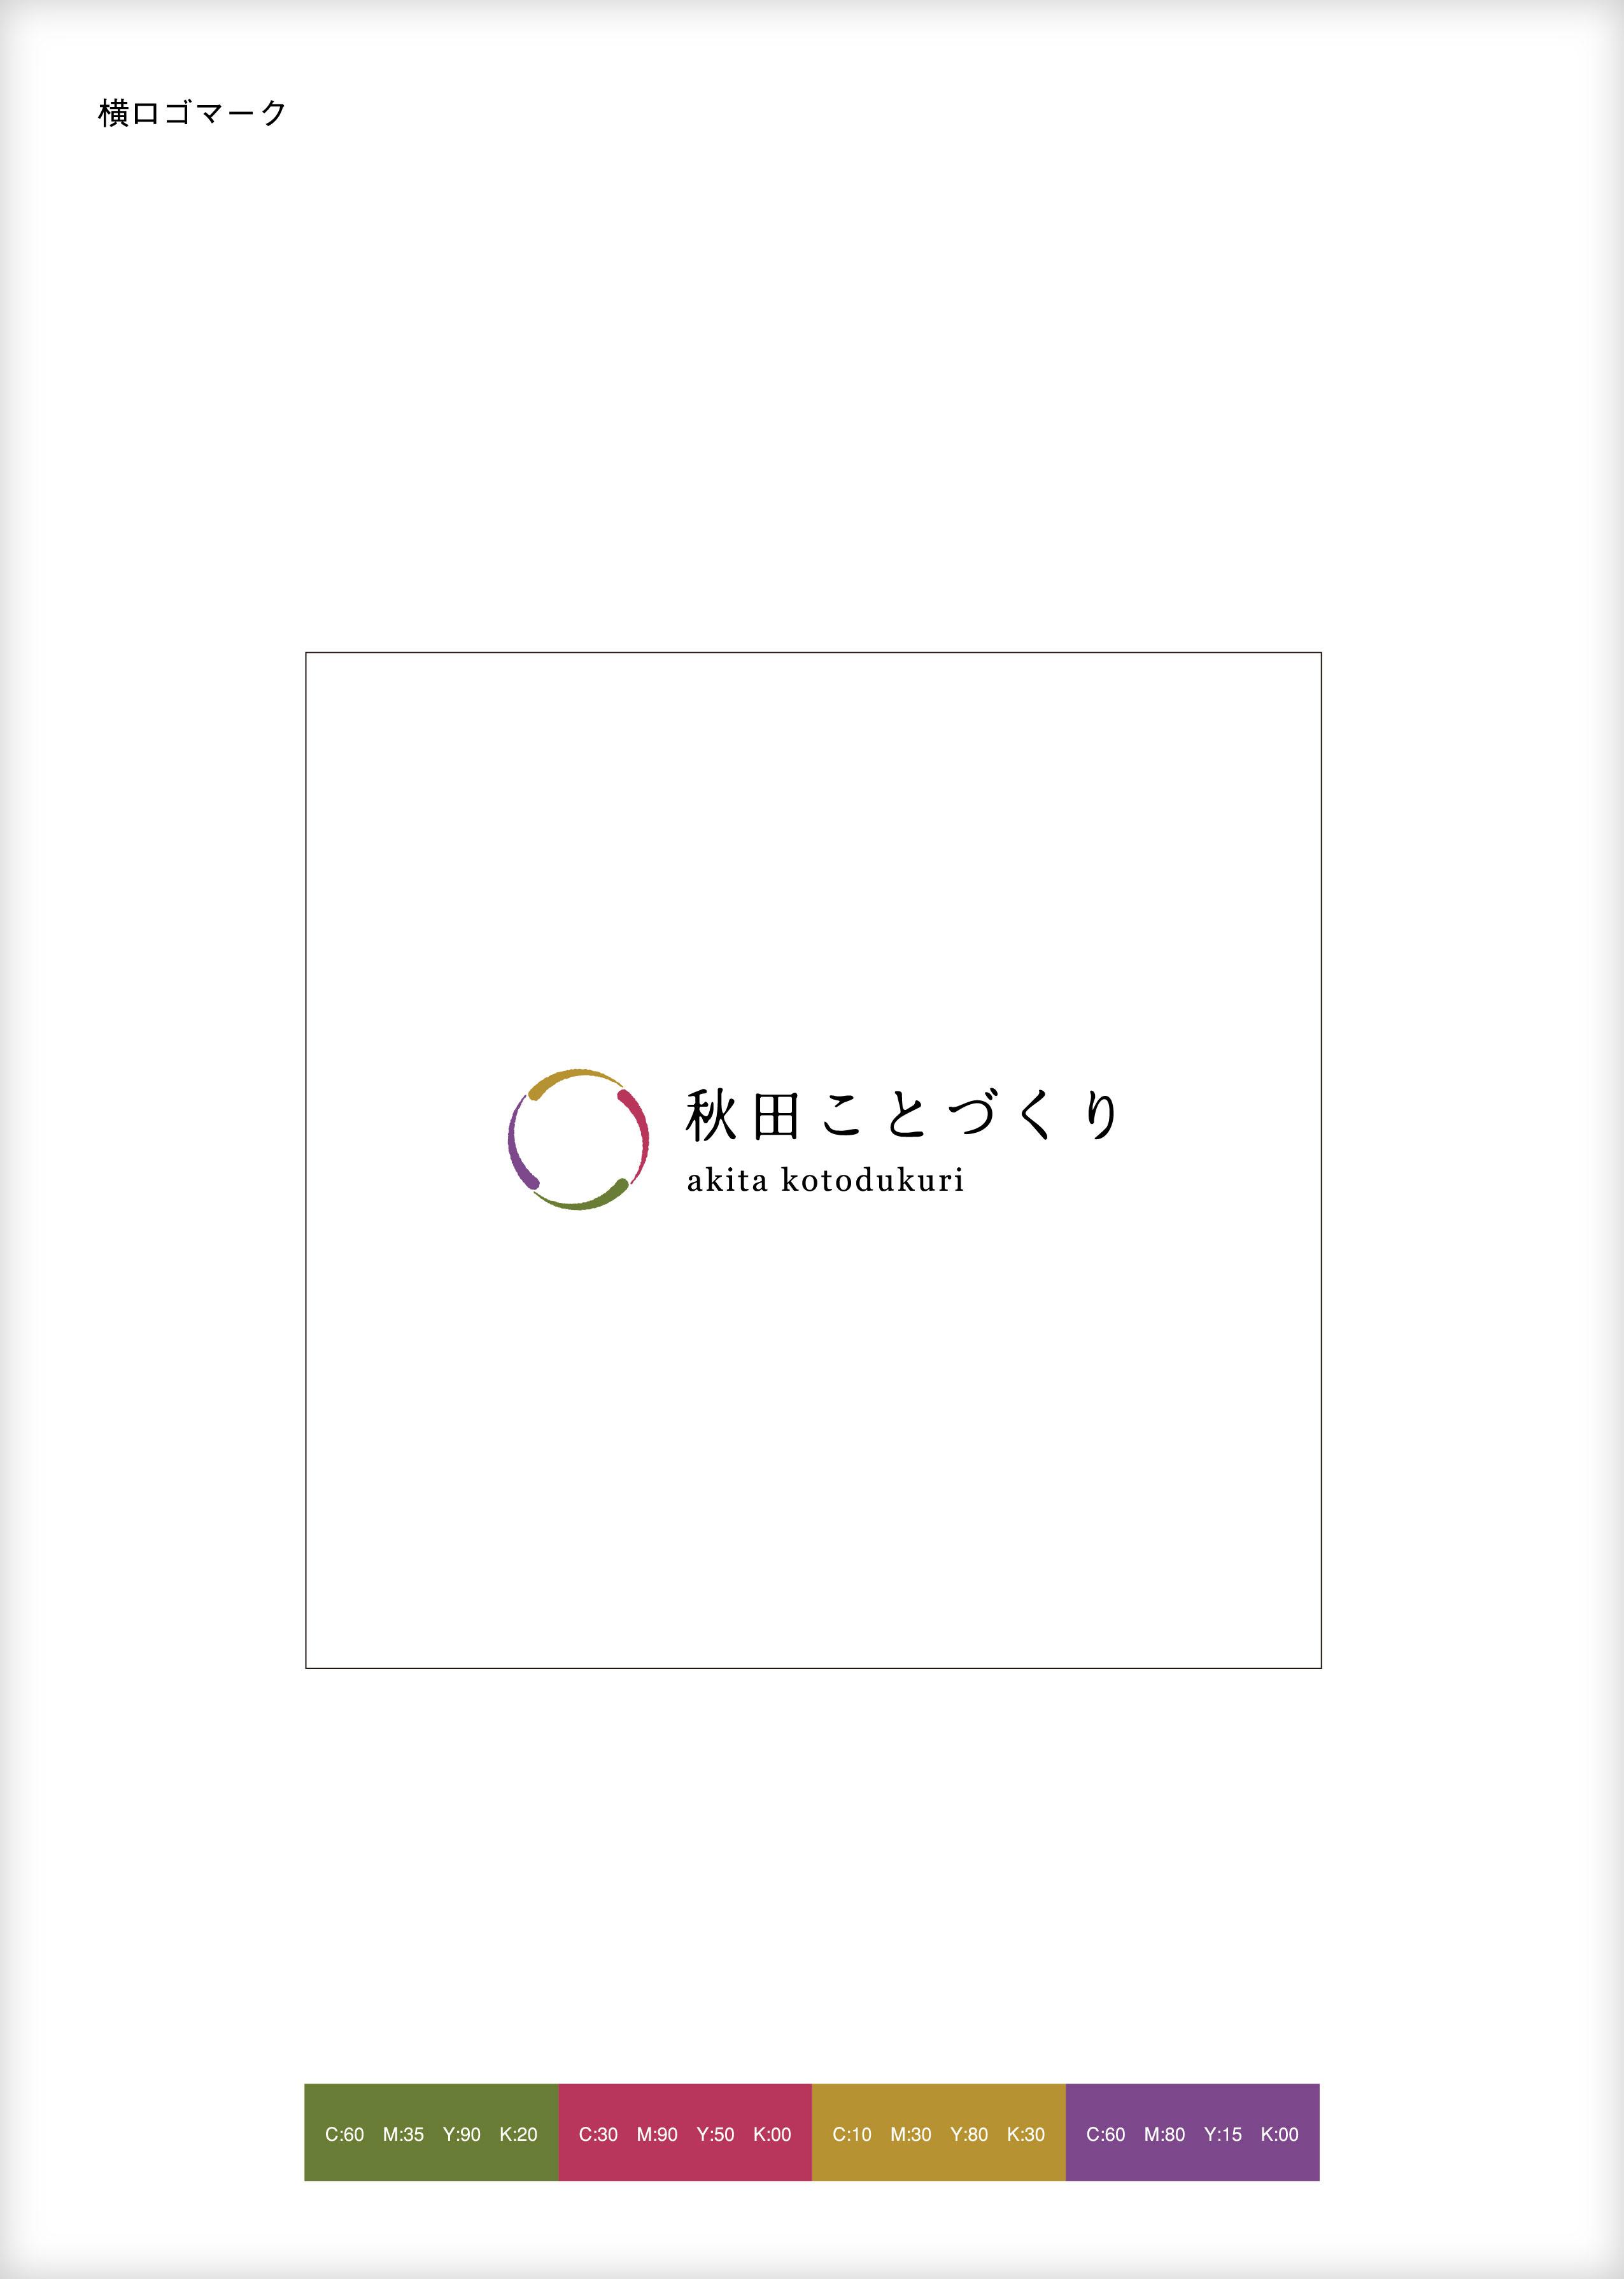 akita_kotodukuri04